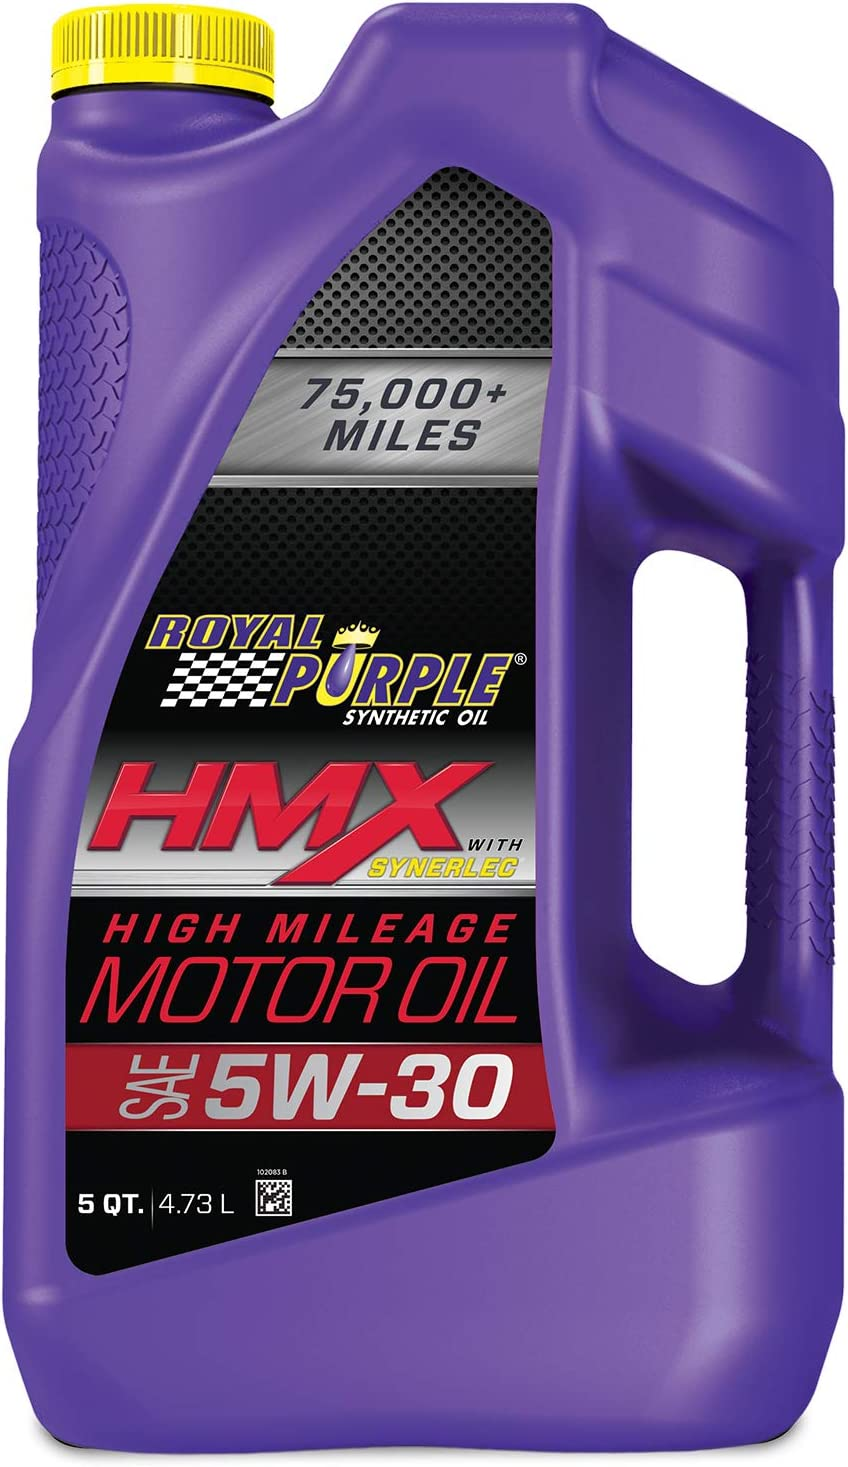 皇家紫11748 HMX高里程合成油